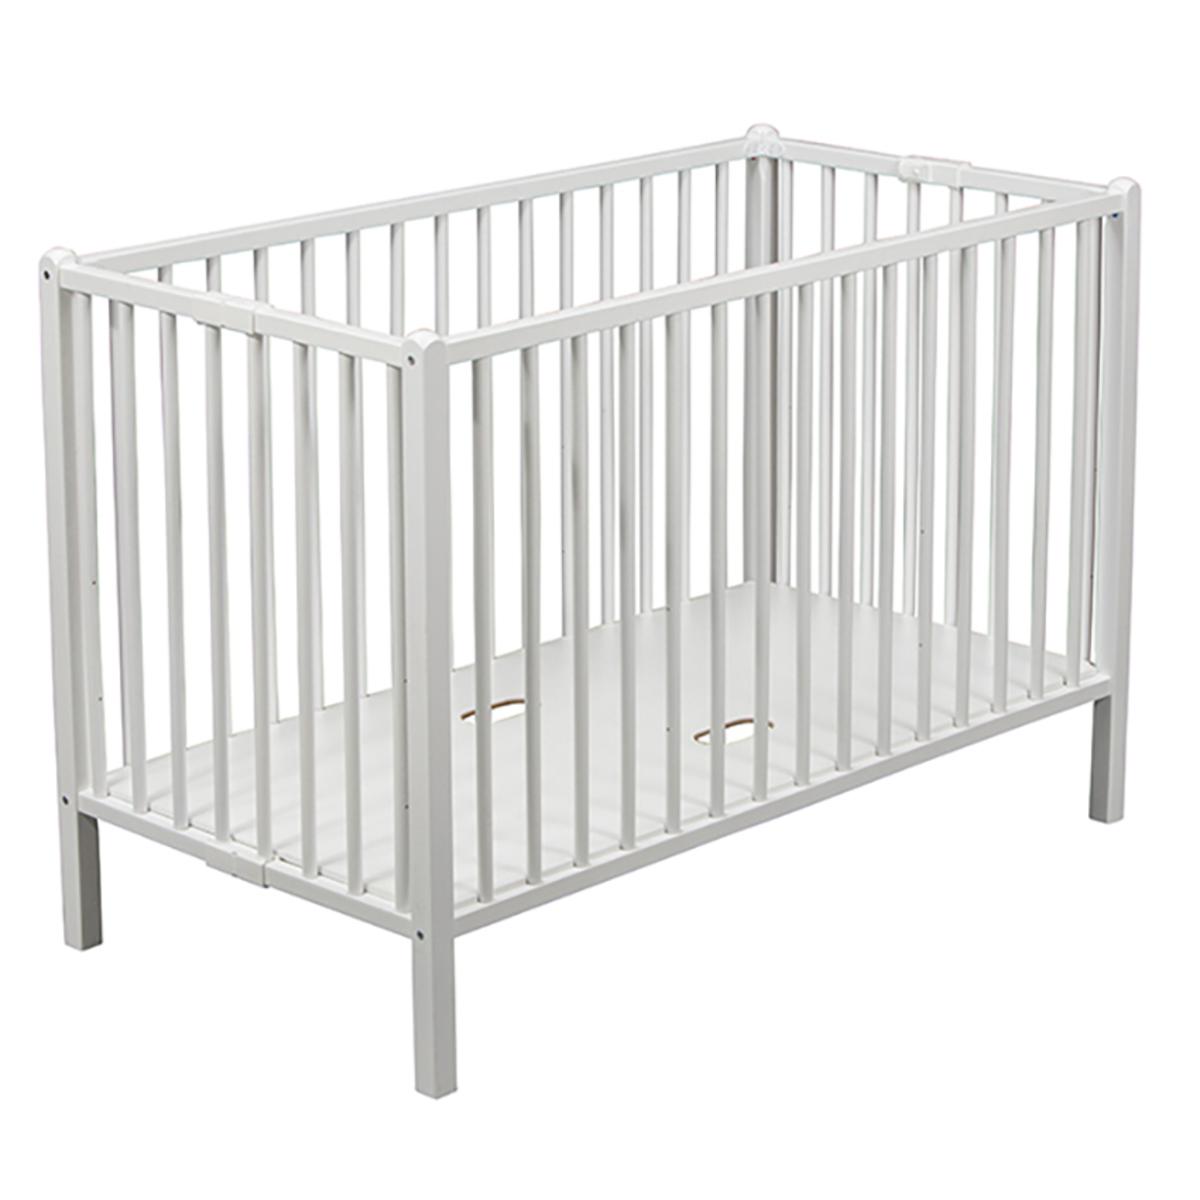 Lit bébé Lit Bébé Pliant Roméo Blanc - 60 x 120 cm Lit Bébé Pliant Roméo Blanc - 60 x 120 cm